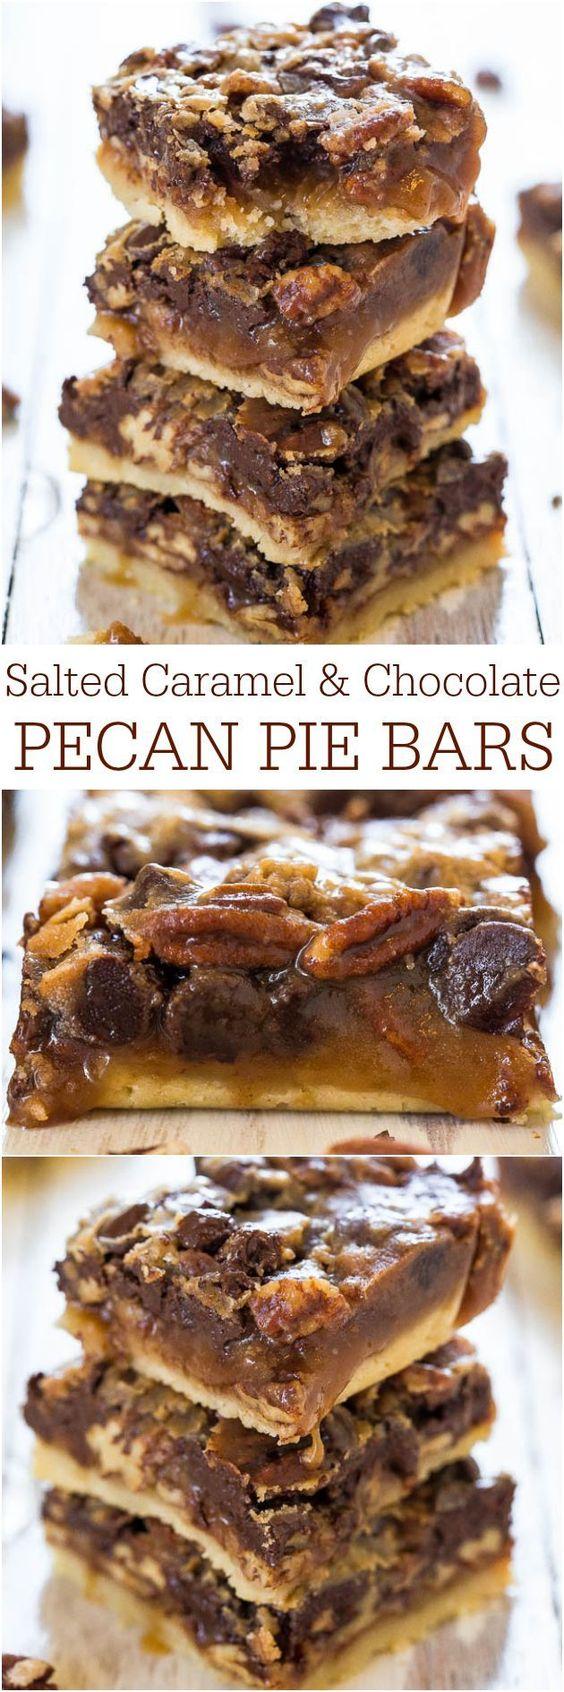 Caramel and Chocolate Pecan Pie Bars   Chocolate Pecan Pies, Pecan ...